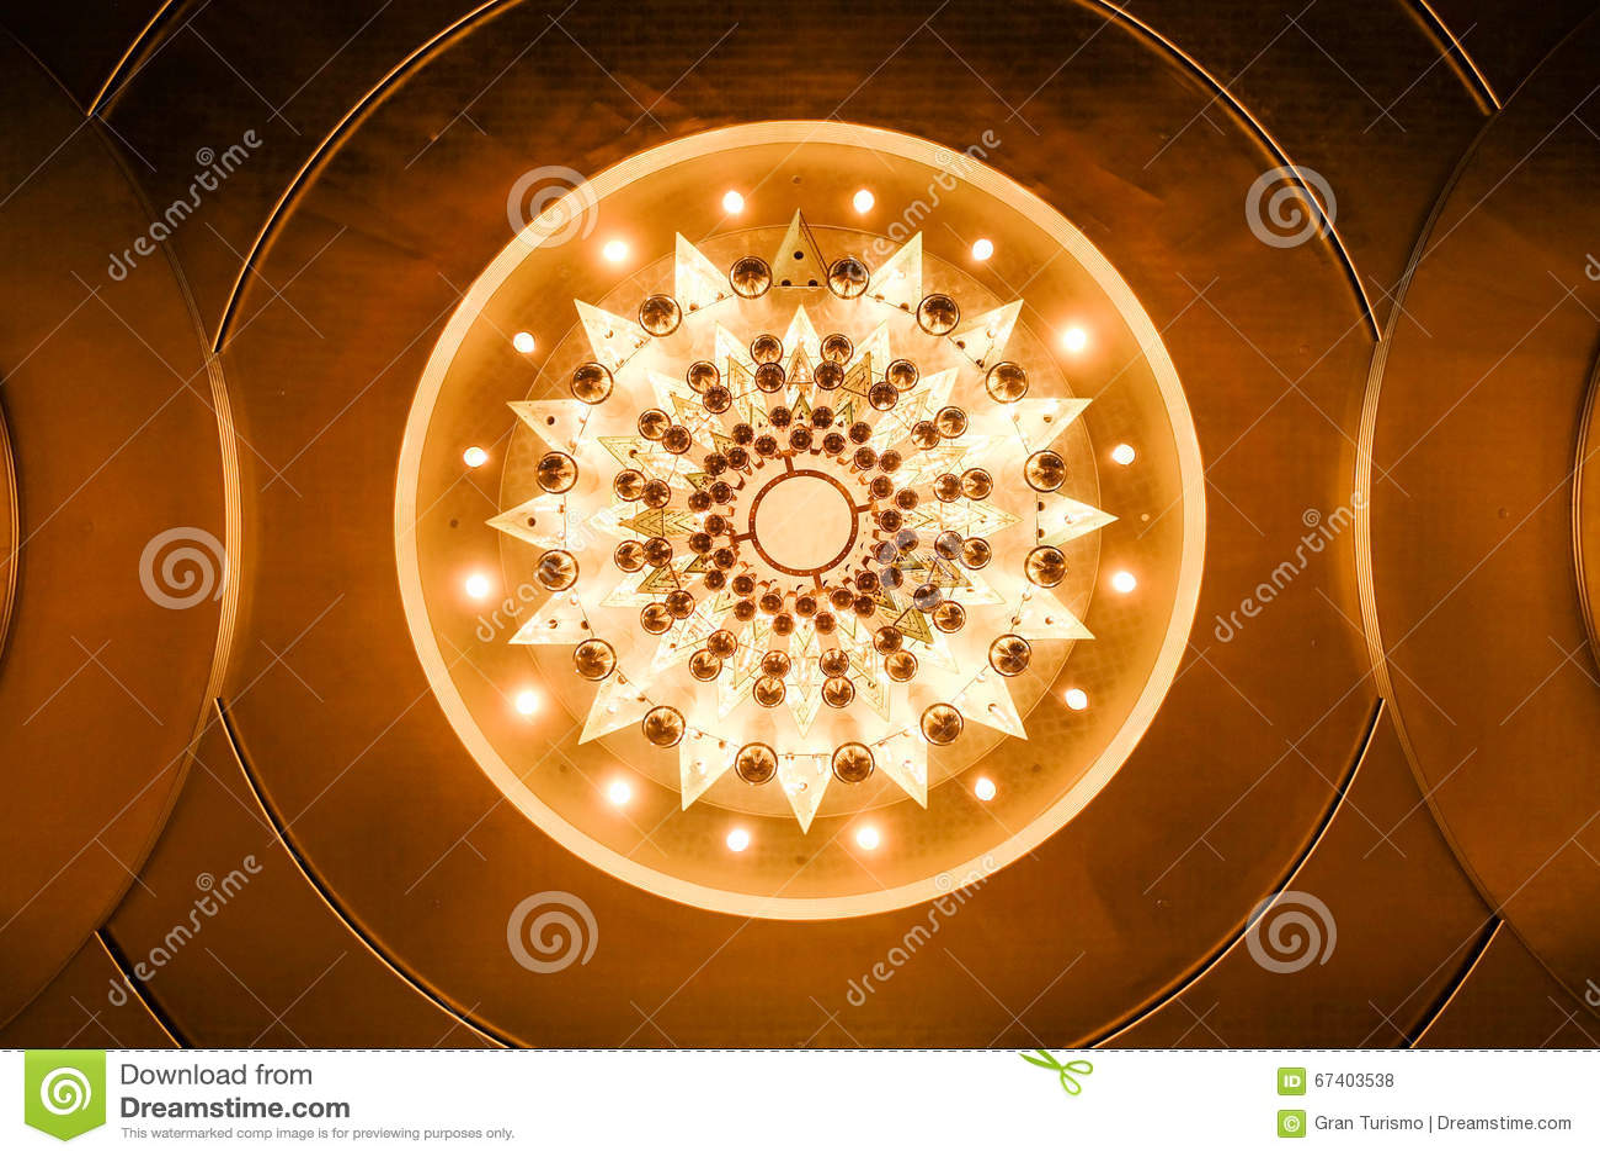 Vista inferior do candelabro iluminado